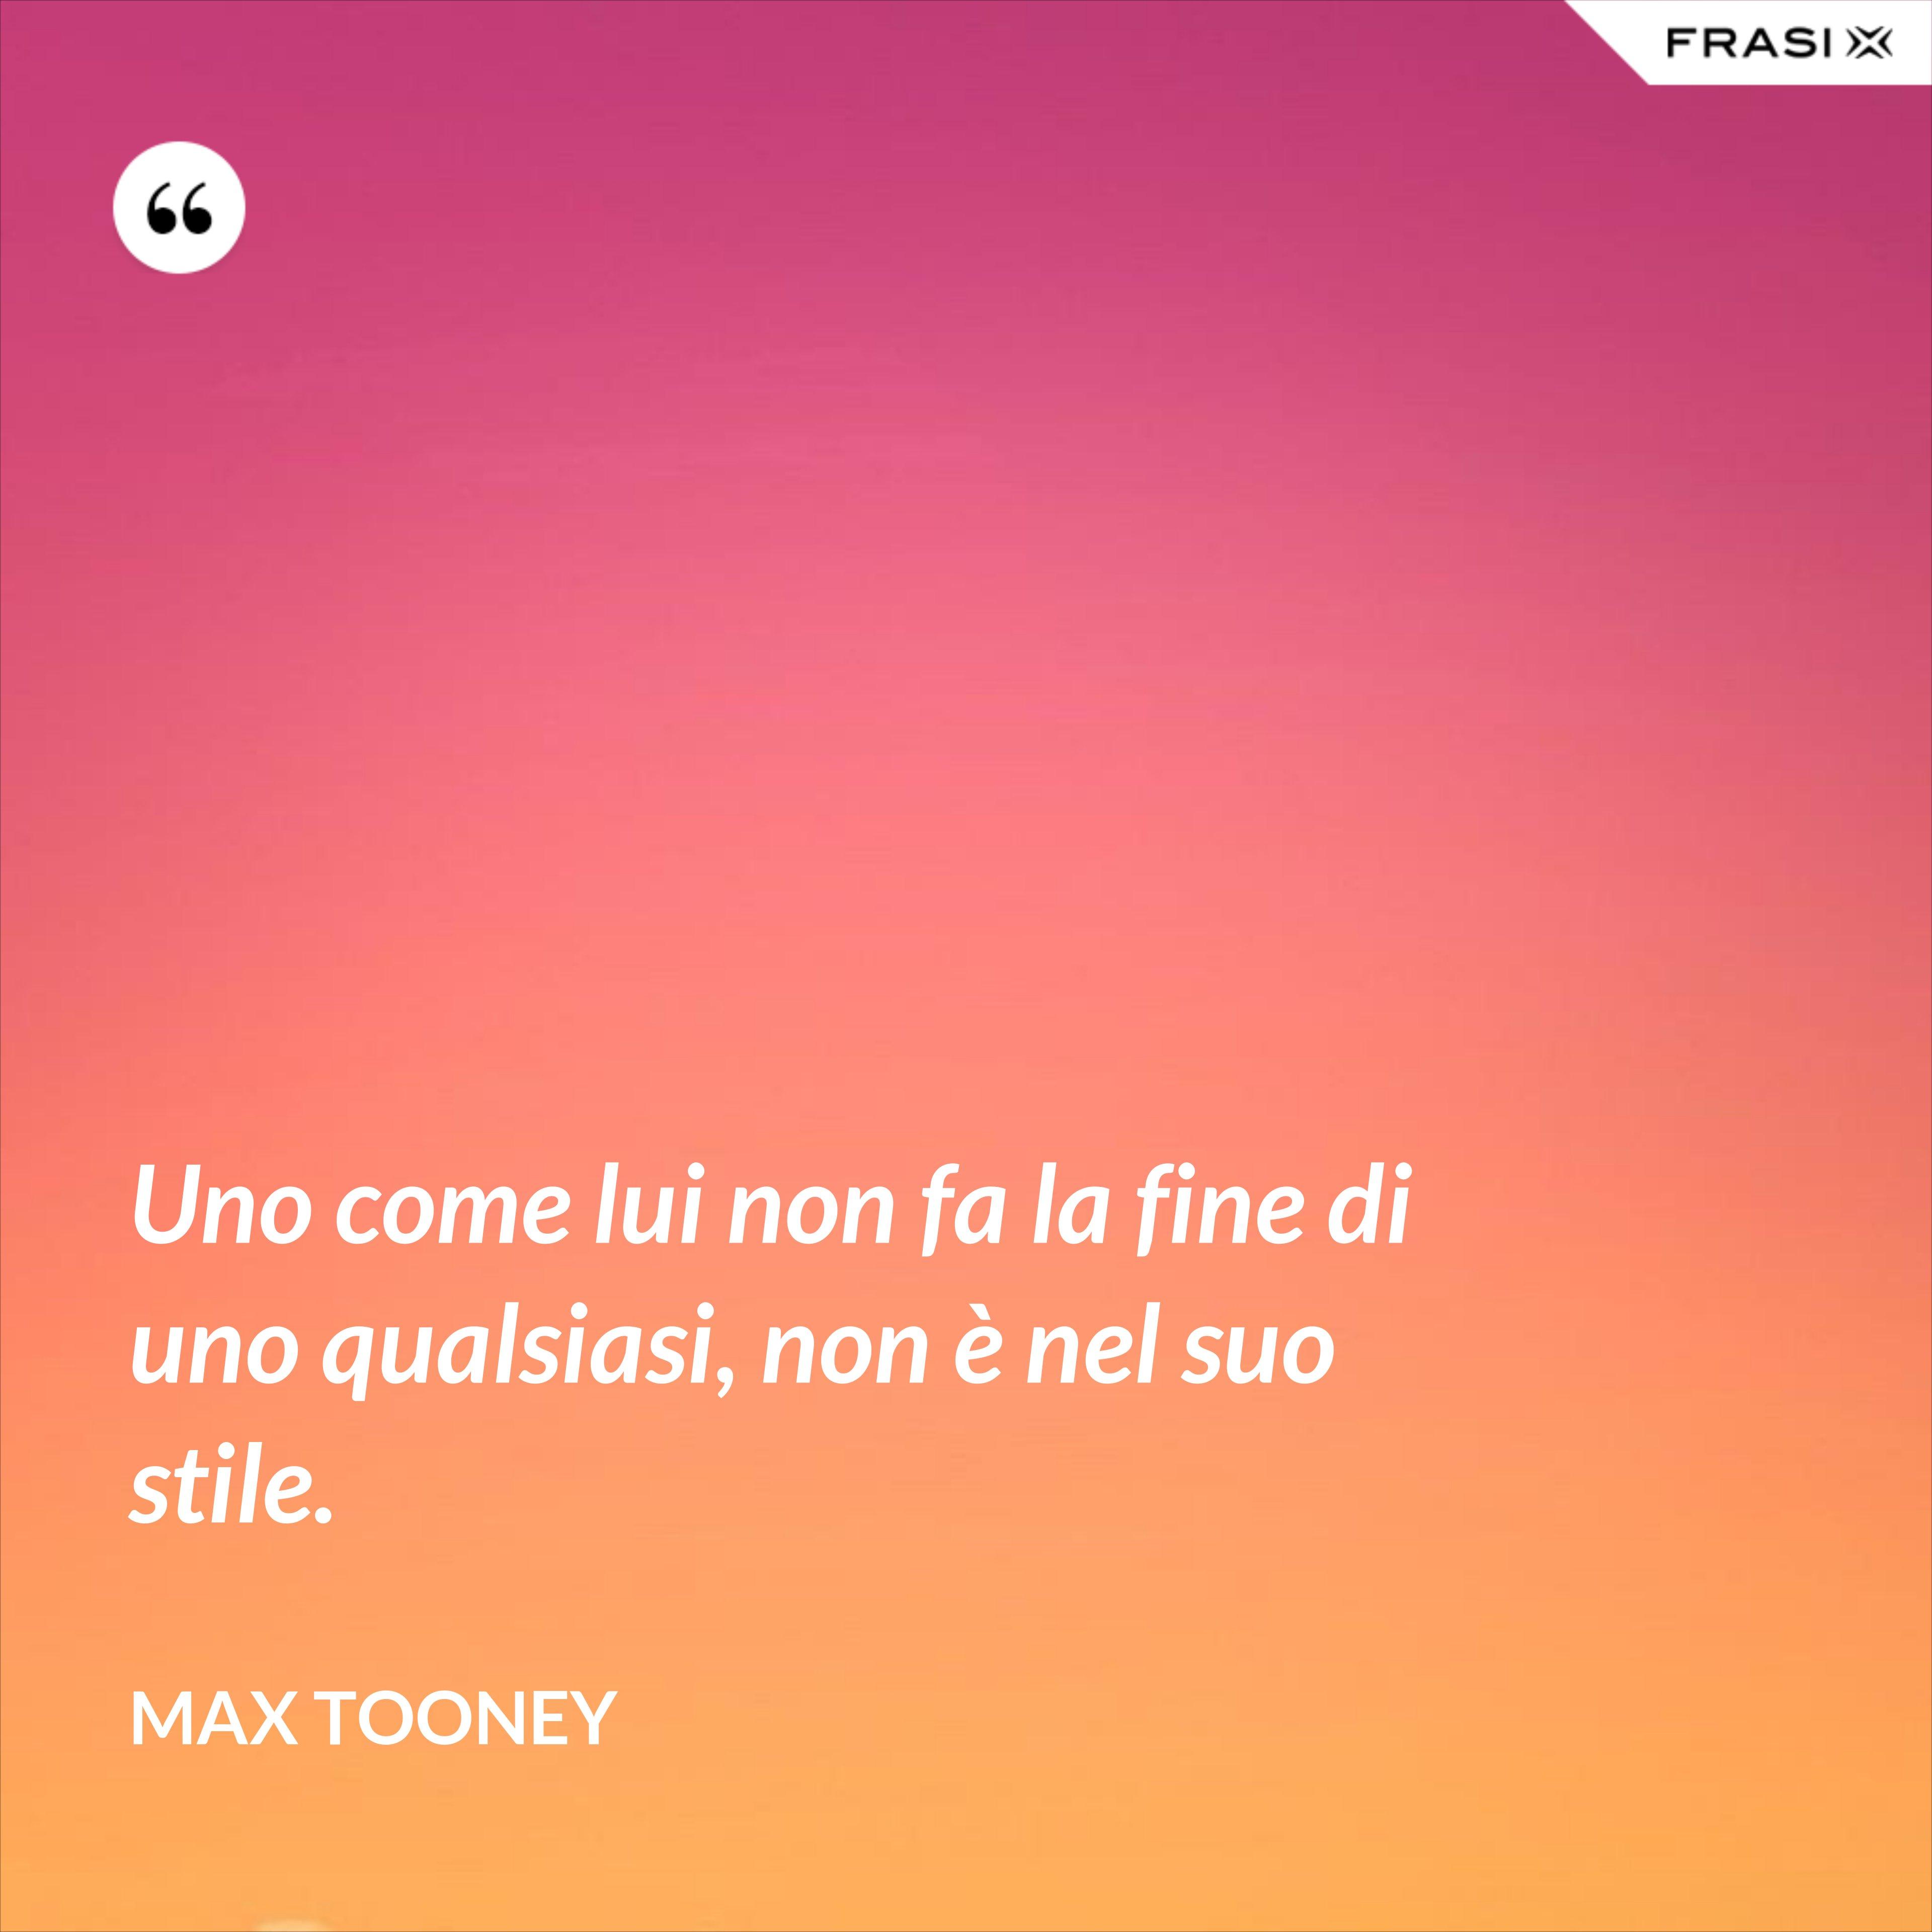 Uno come lui non fa la fine di uno qualsiasi, non è nel suo stile. - Max Tooney